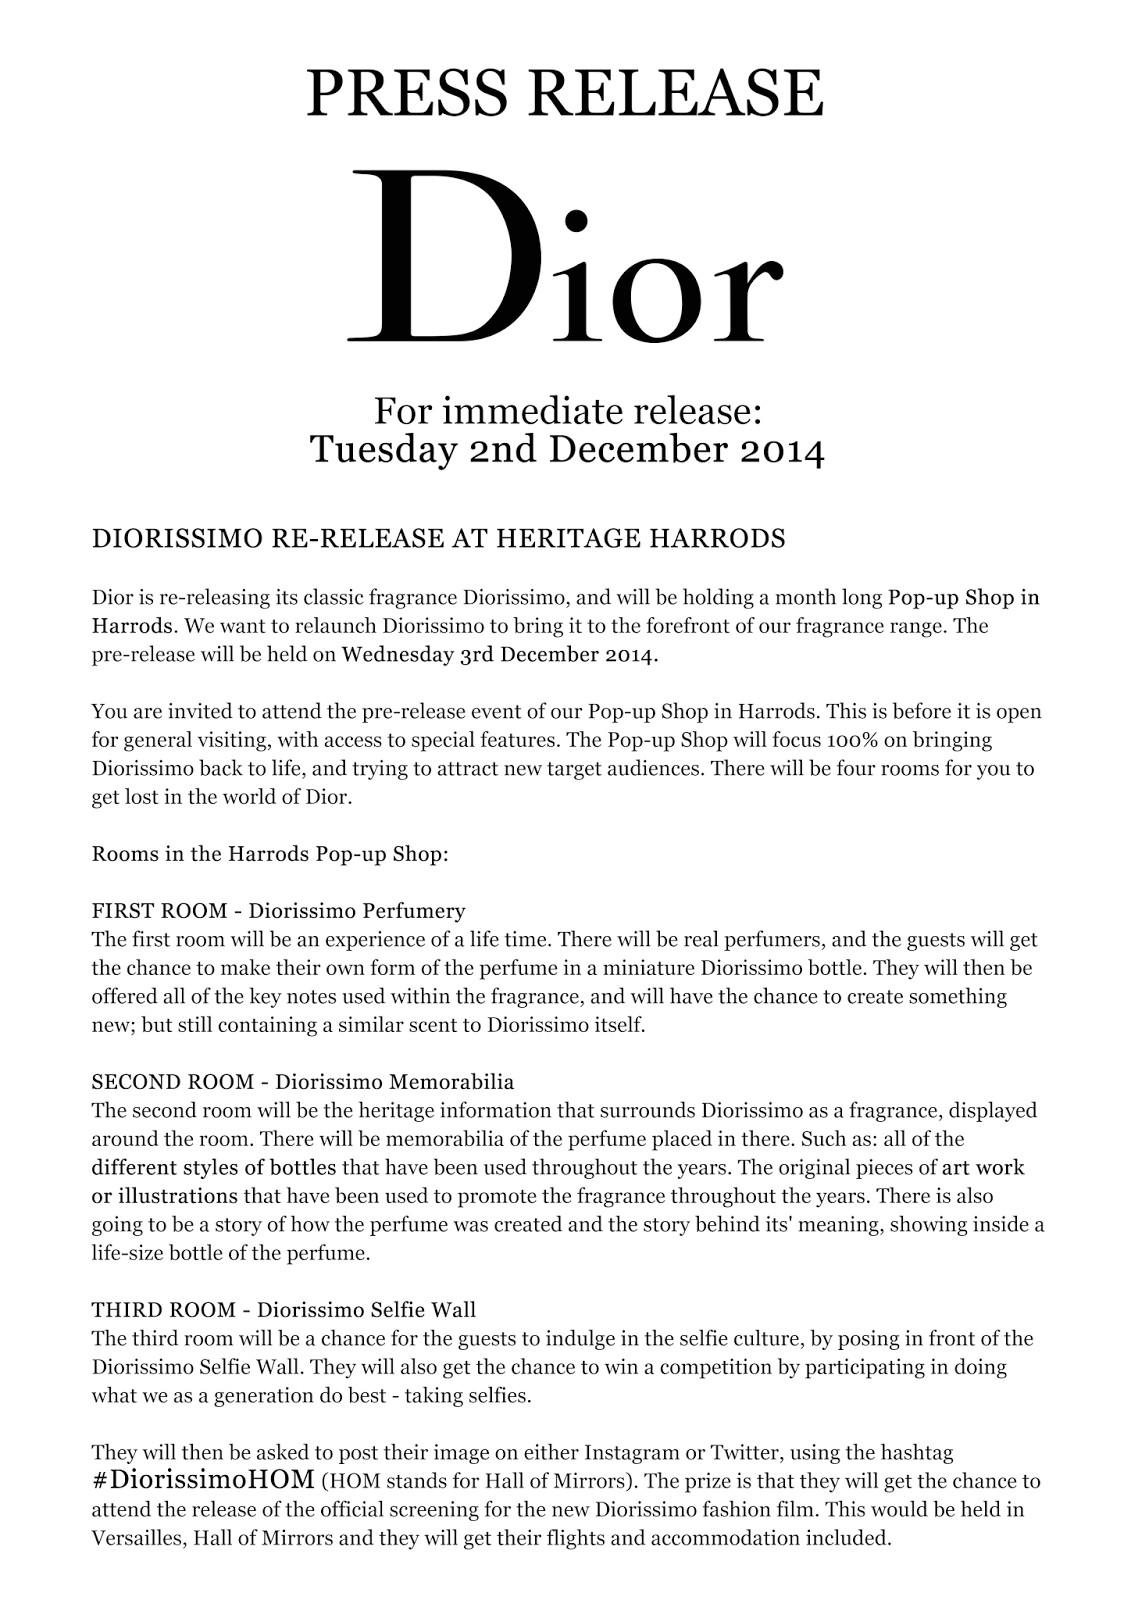 press release diorissimo fashion film